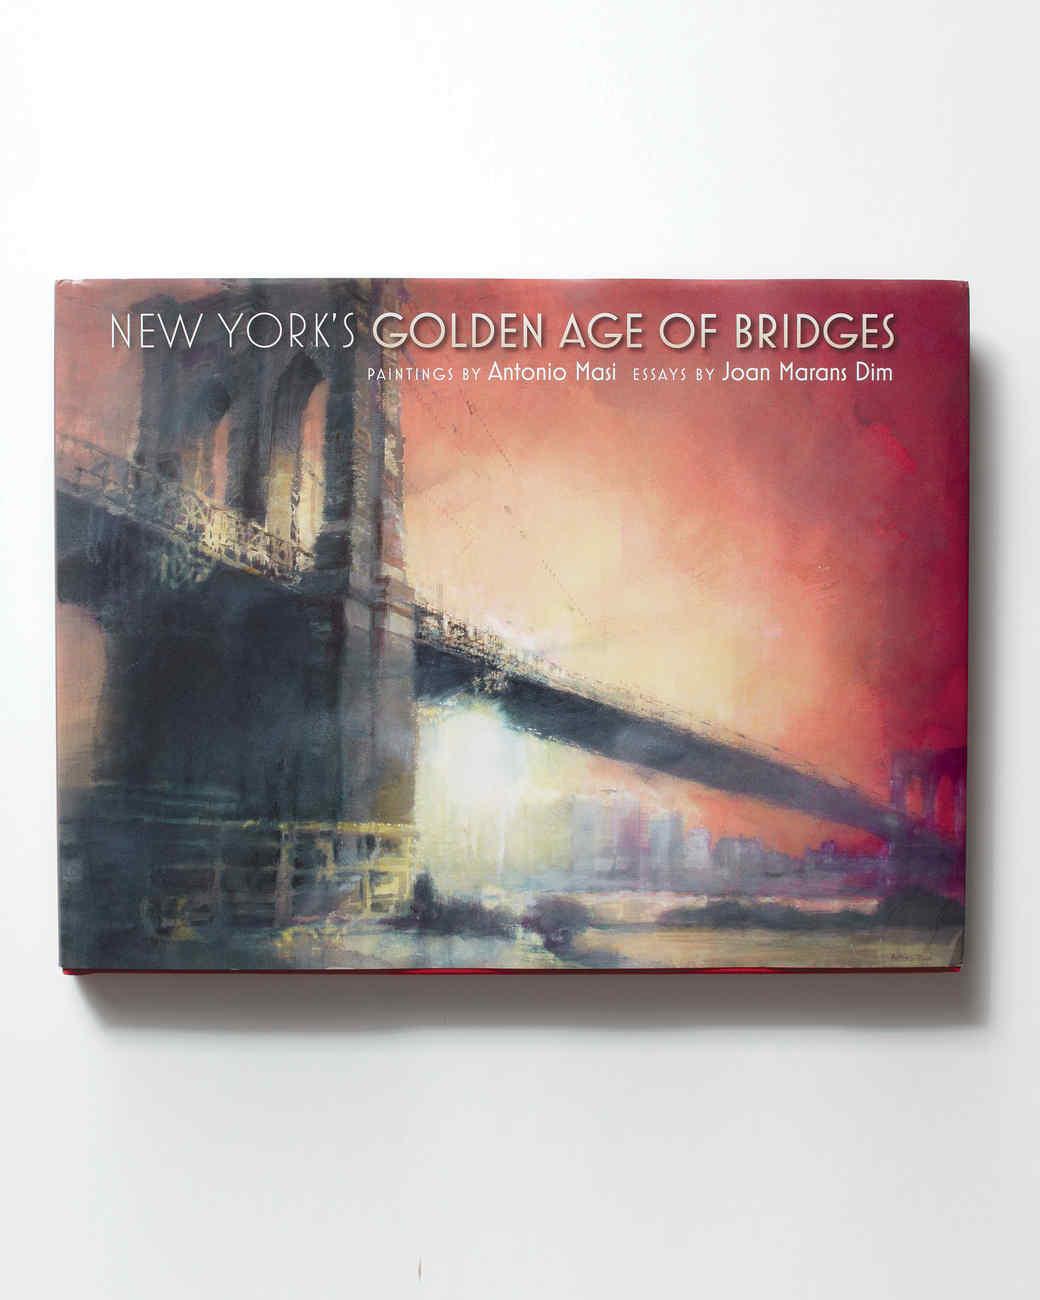 gift-guide-golden-age-bridges-m107904.jpg